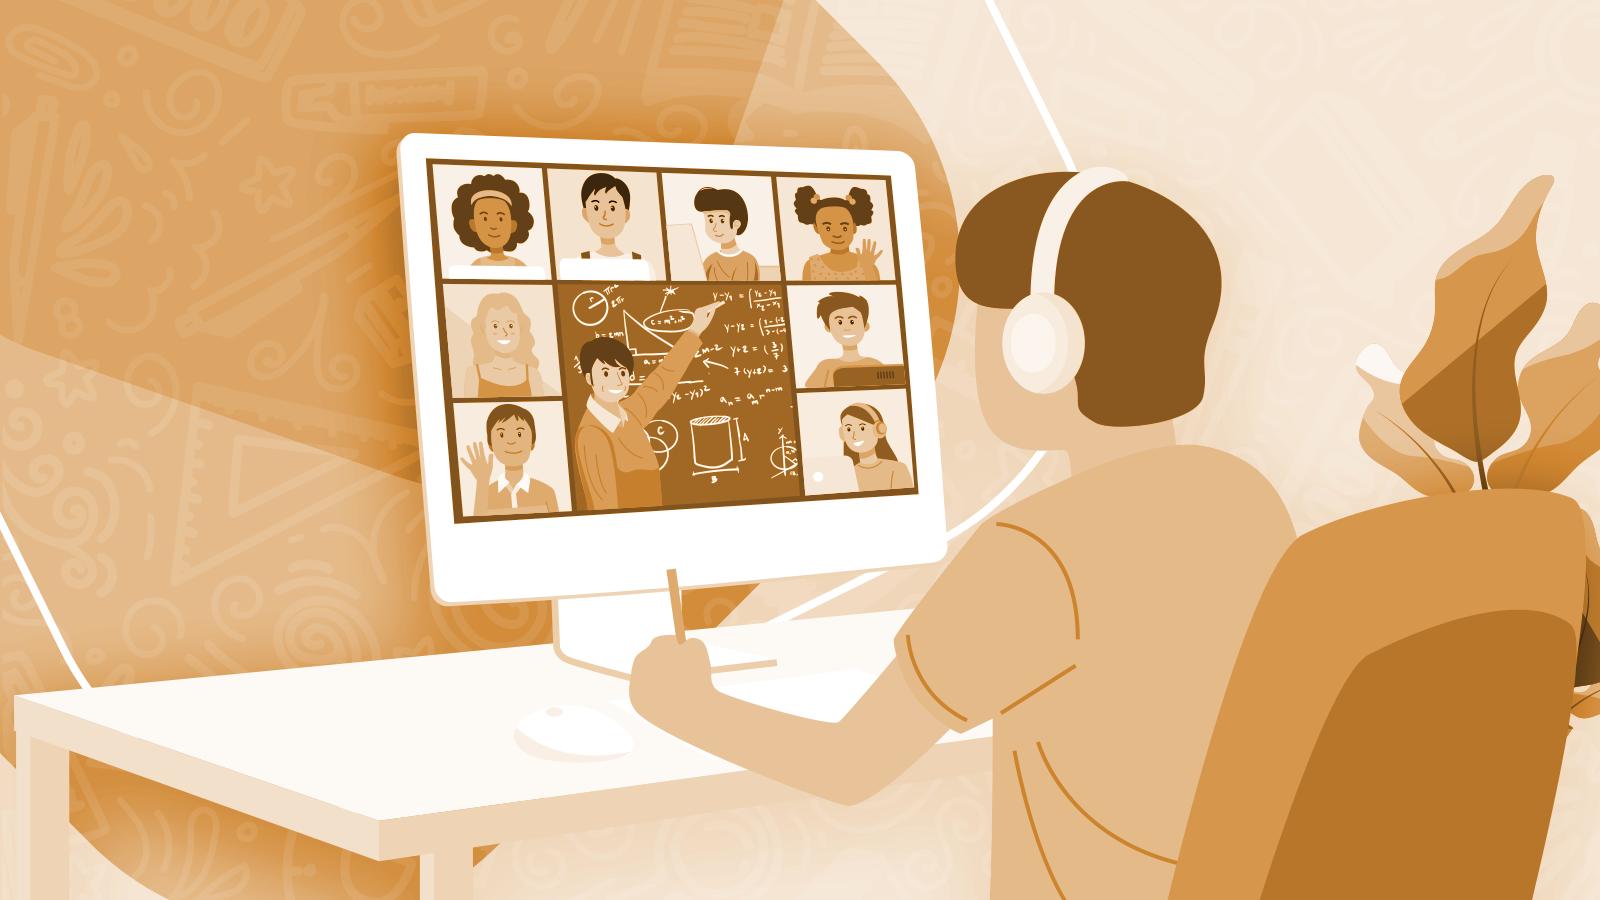 Estudiar en línea en IEU: 6 razones para perderle el miedo